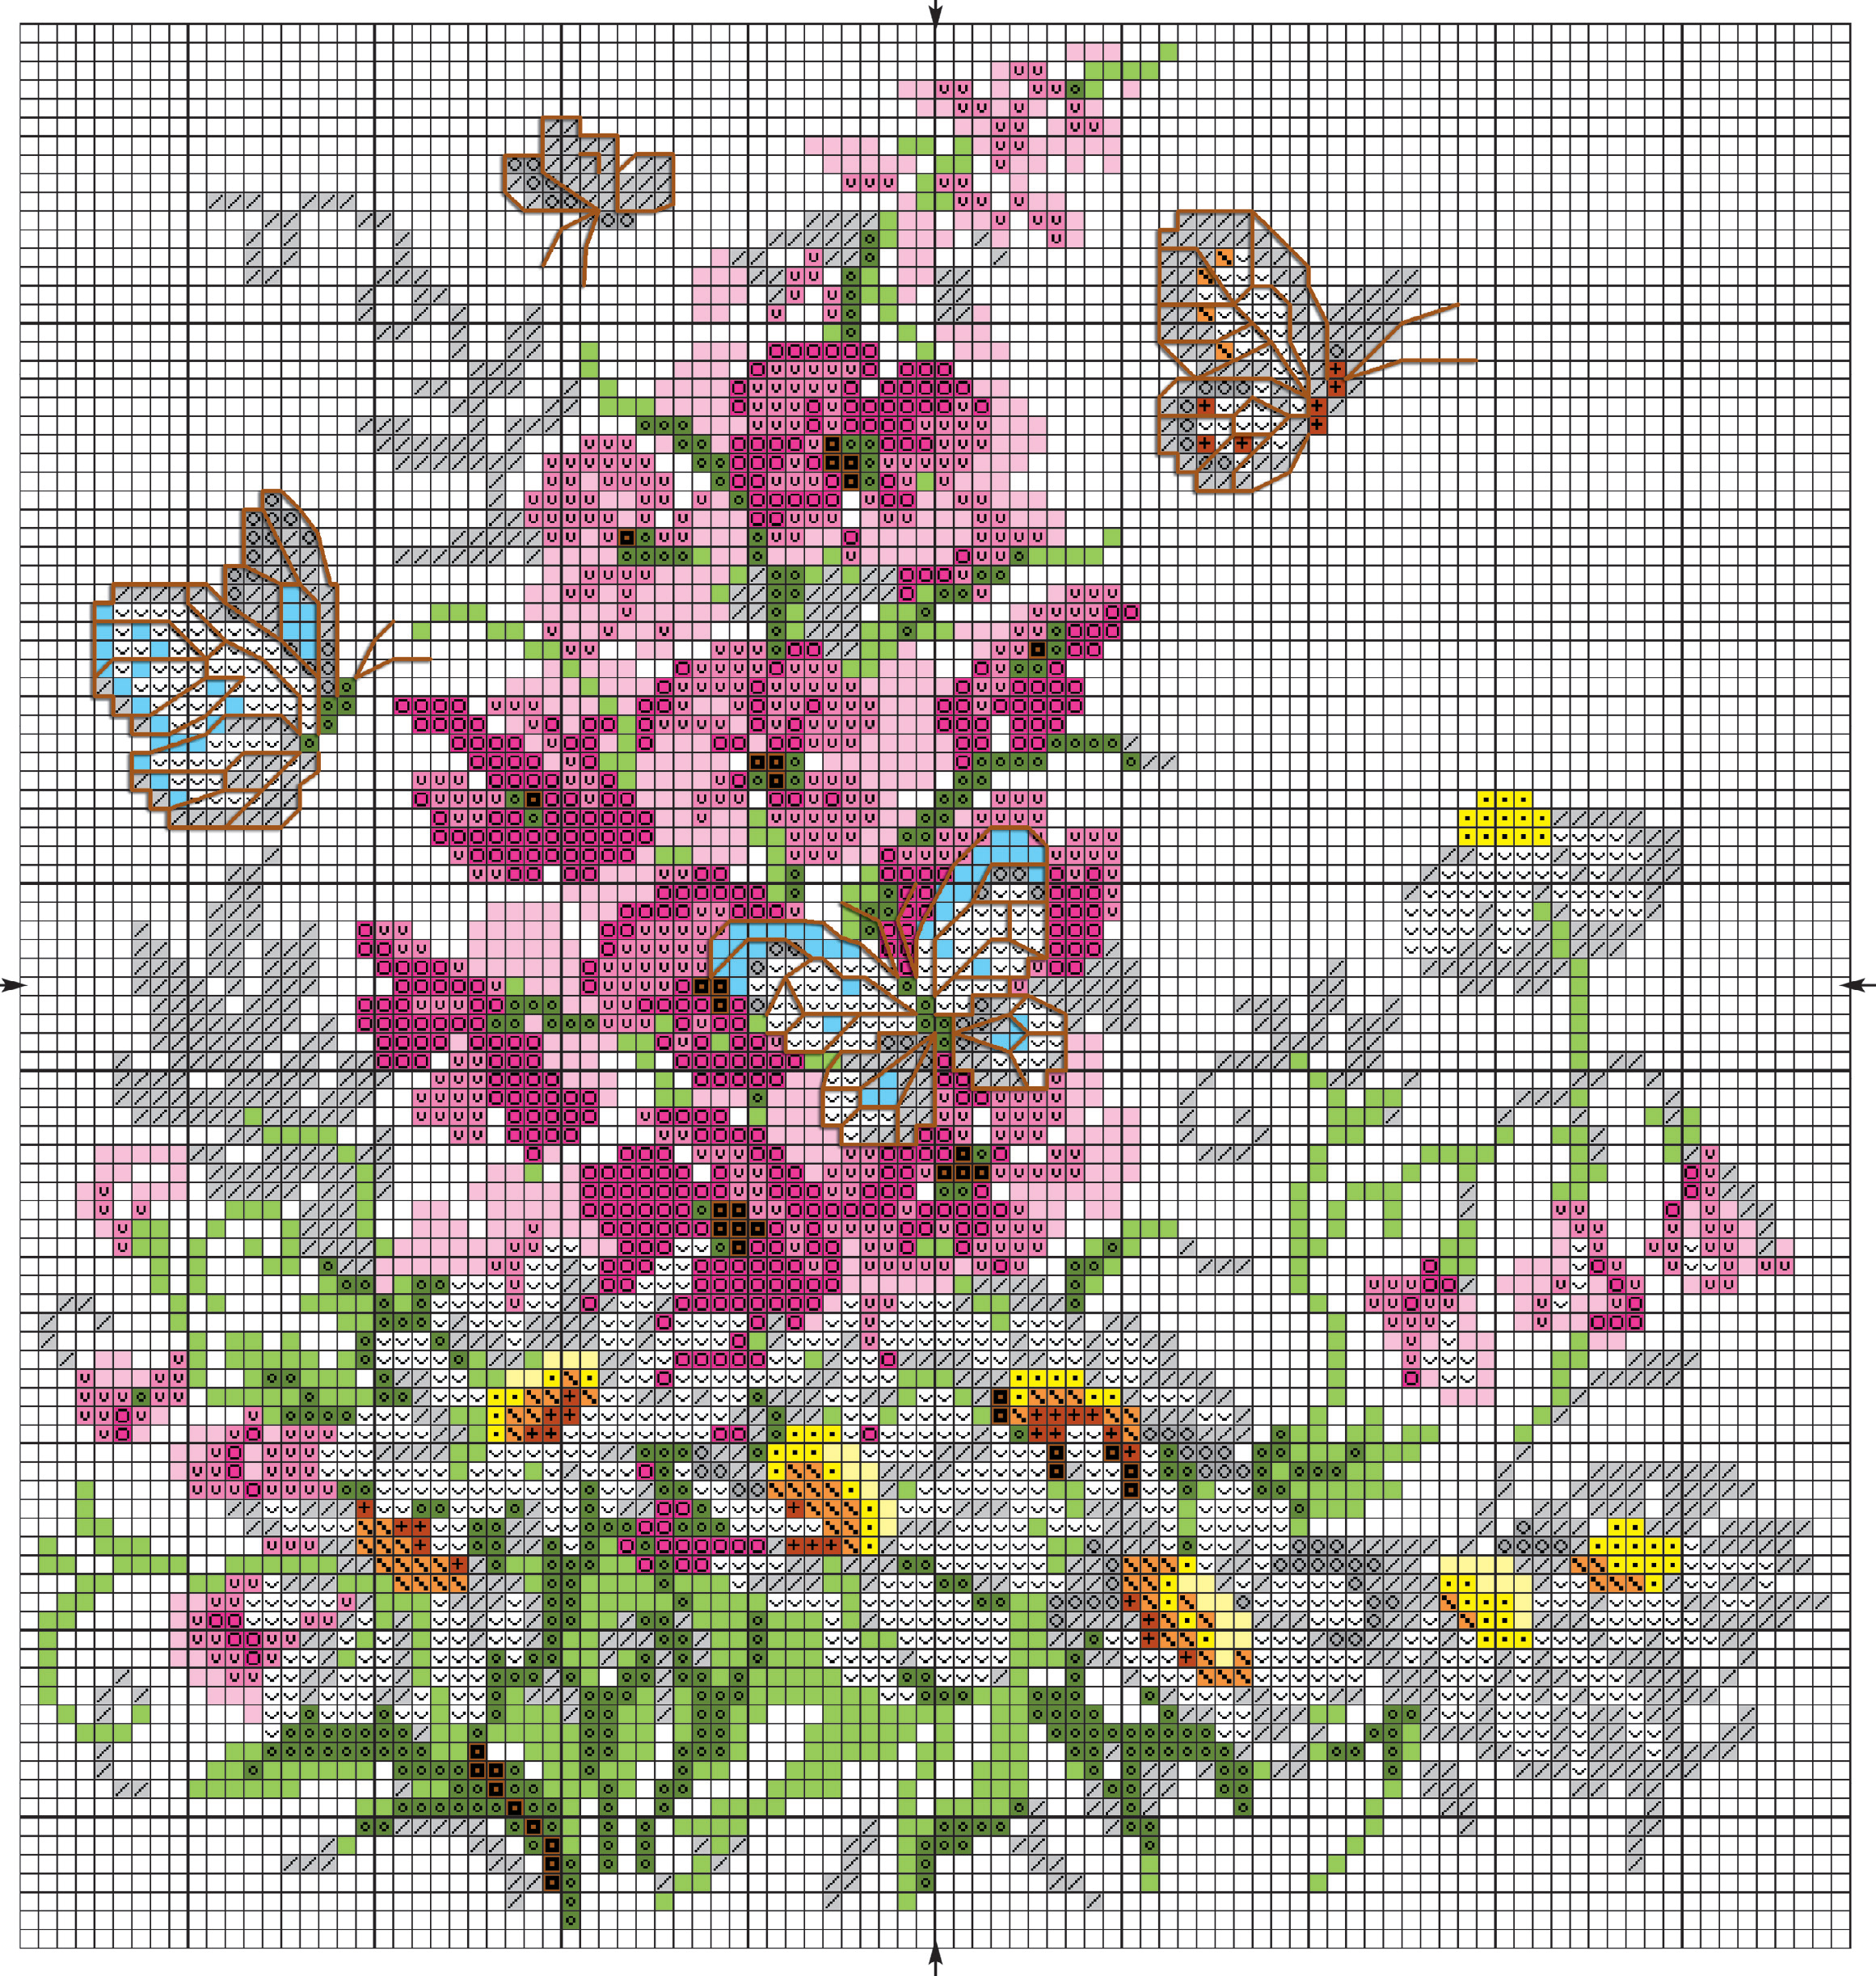 Вышивка крестом бабочка с отражением